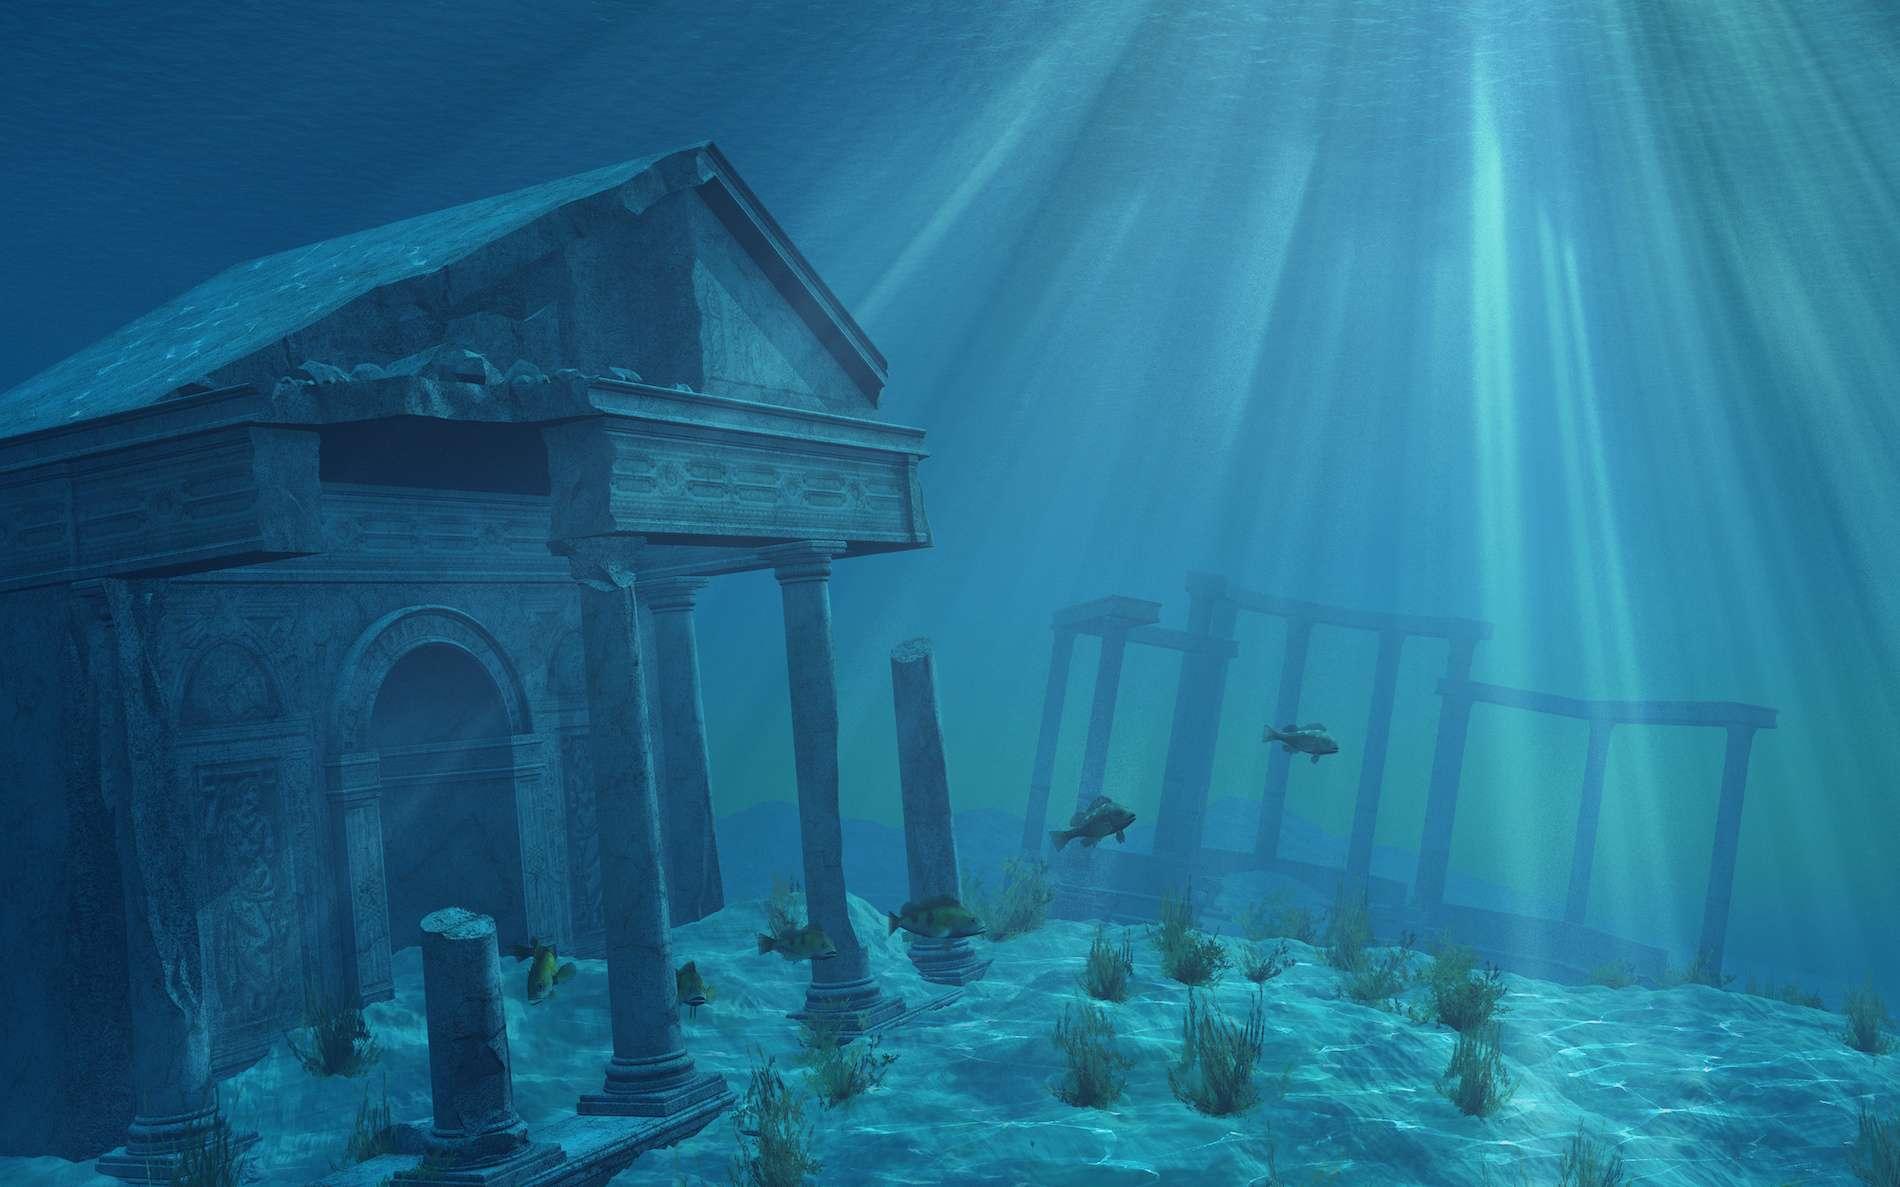 Vue de la cité imaginaire Atlantide. © AlienCat, Adobe Stock